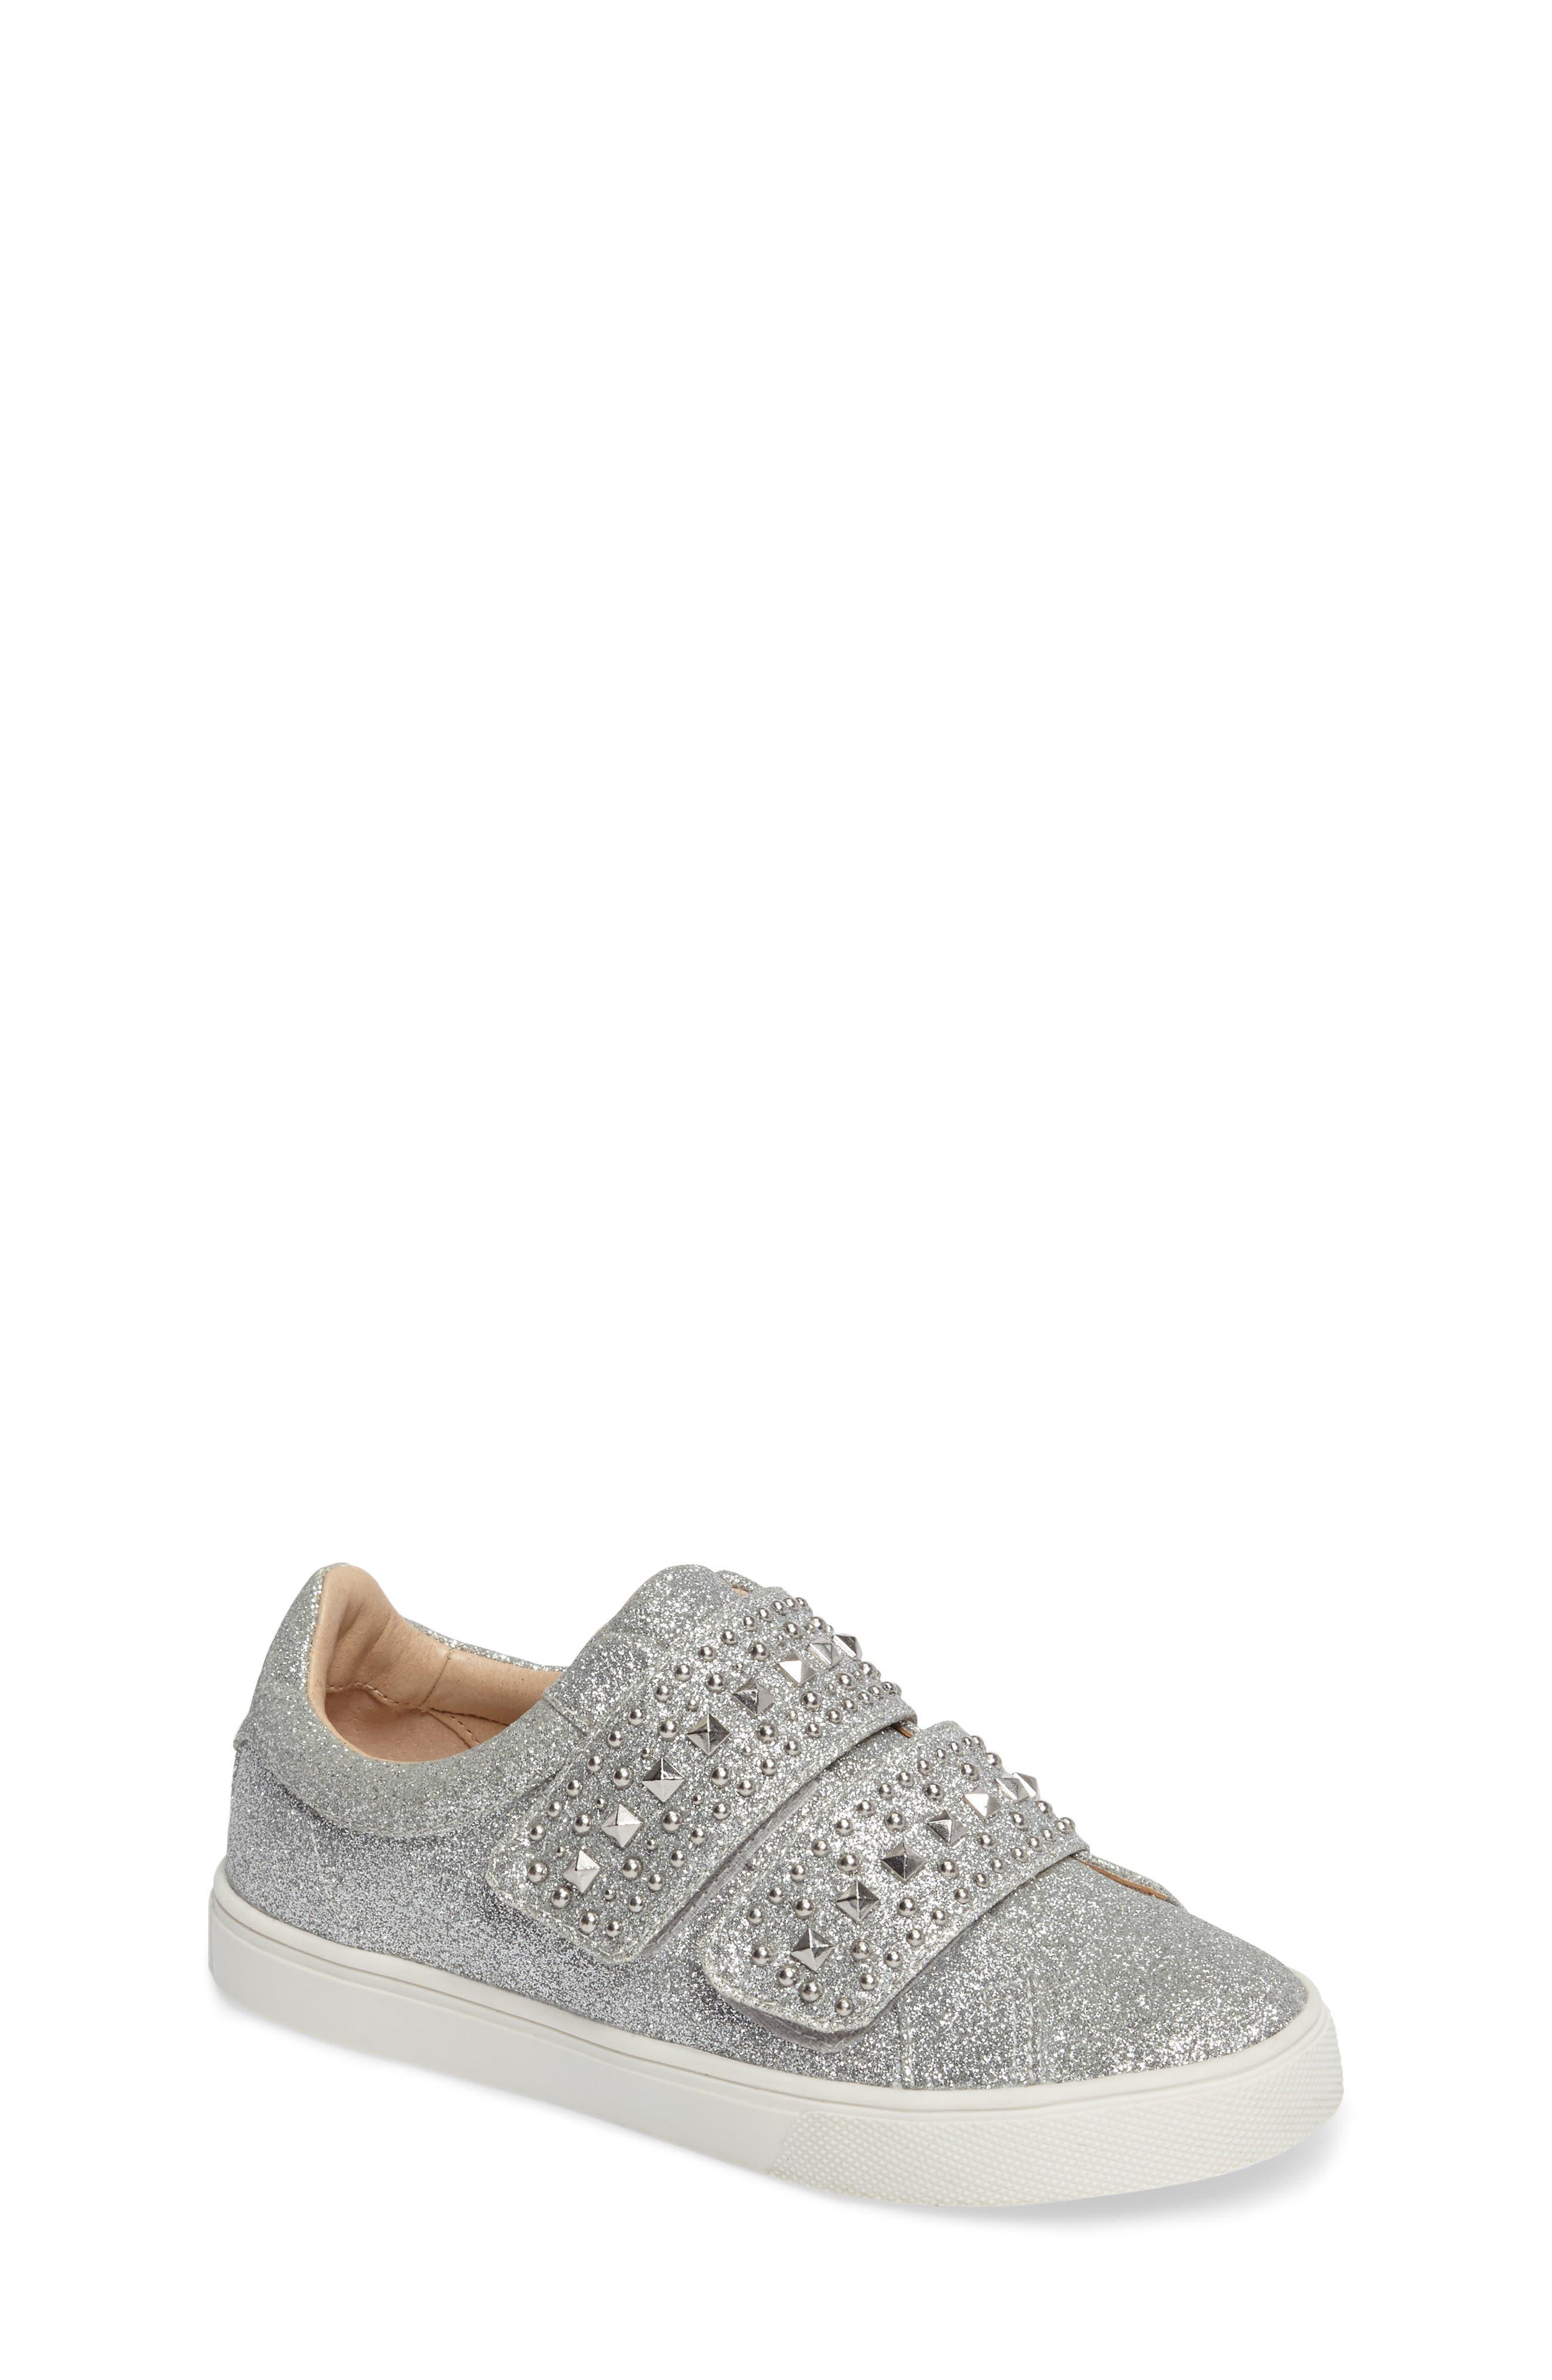 Baylen Embellished Glitter Sneaker,                         Main,                         color, SILVER GLITTER